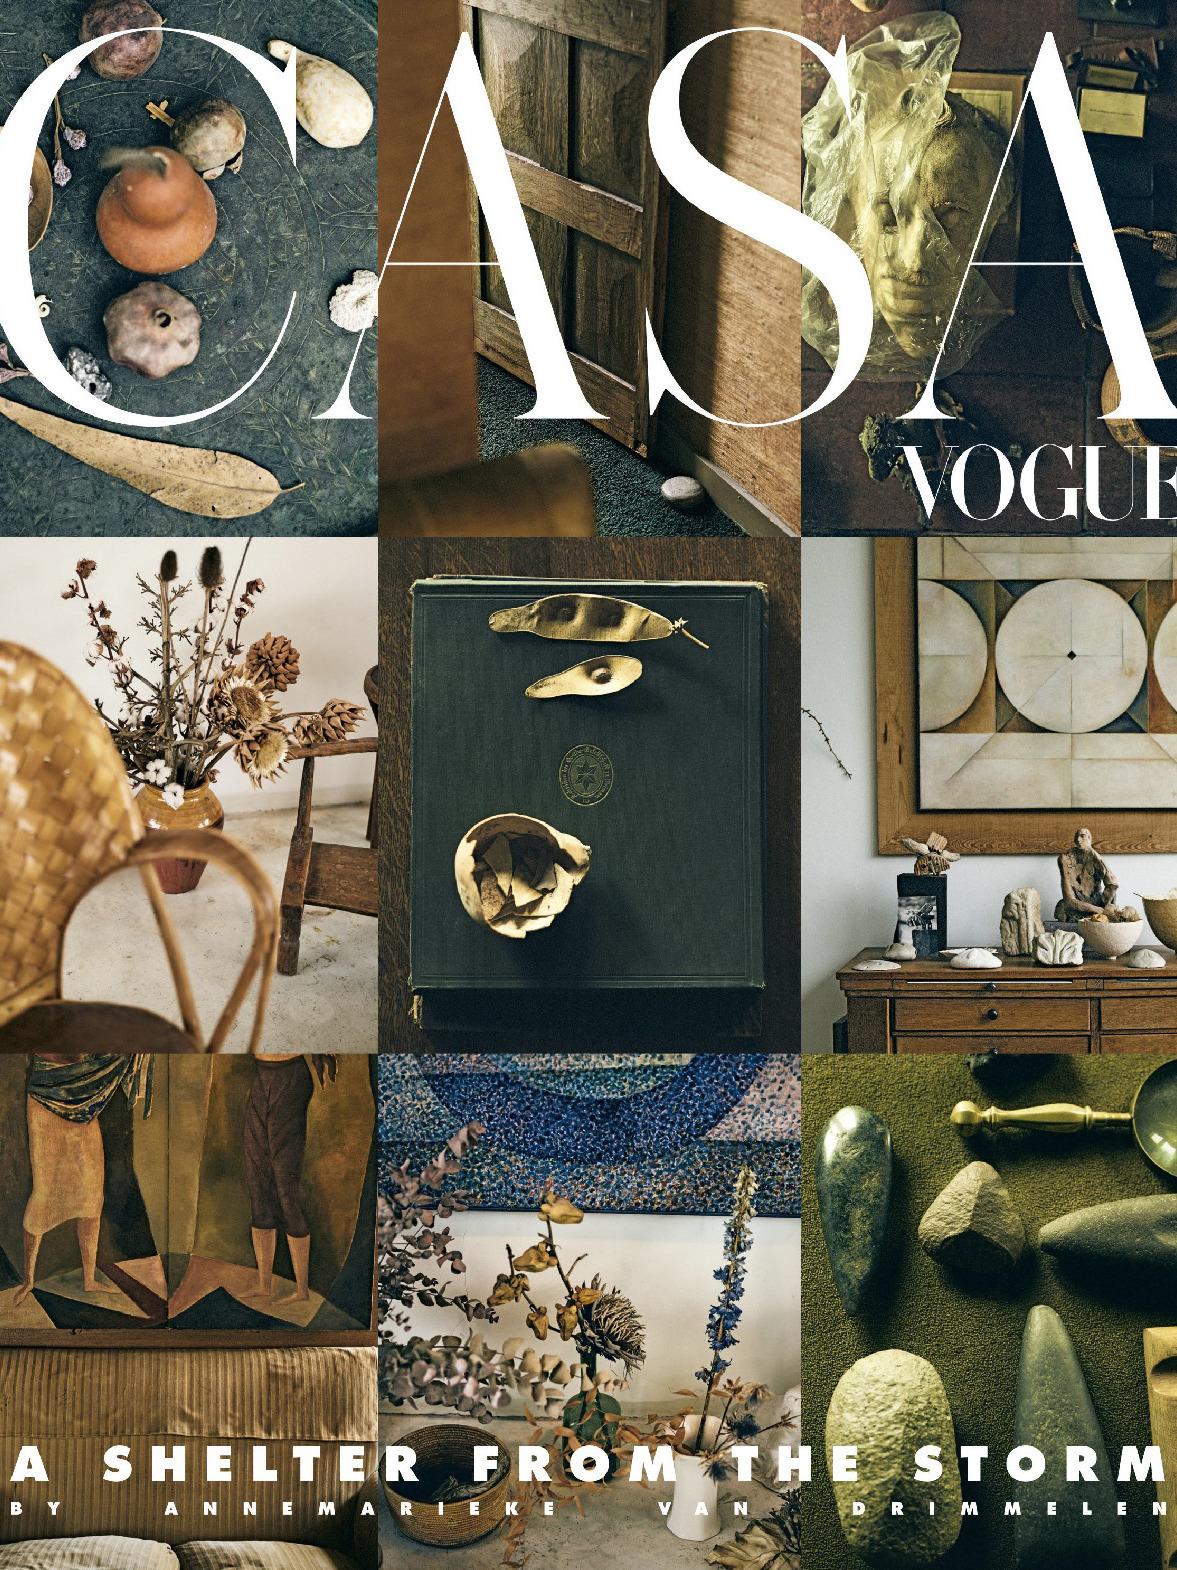 《Casa Vogue》意大利版时尚室内设计杂志2019年10月号